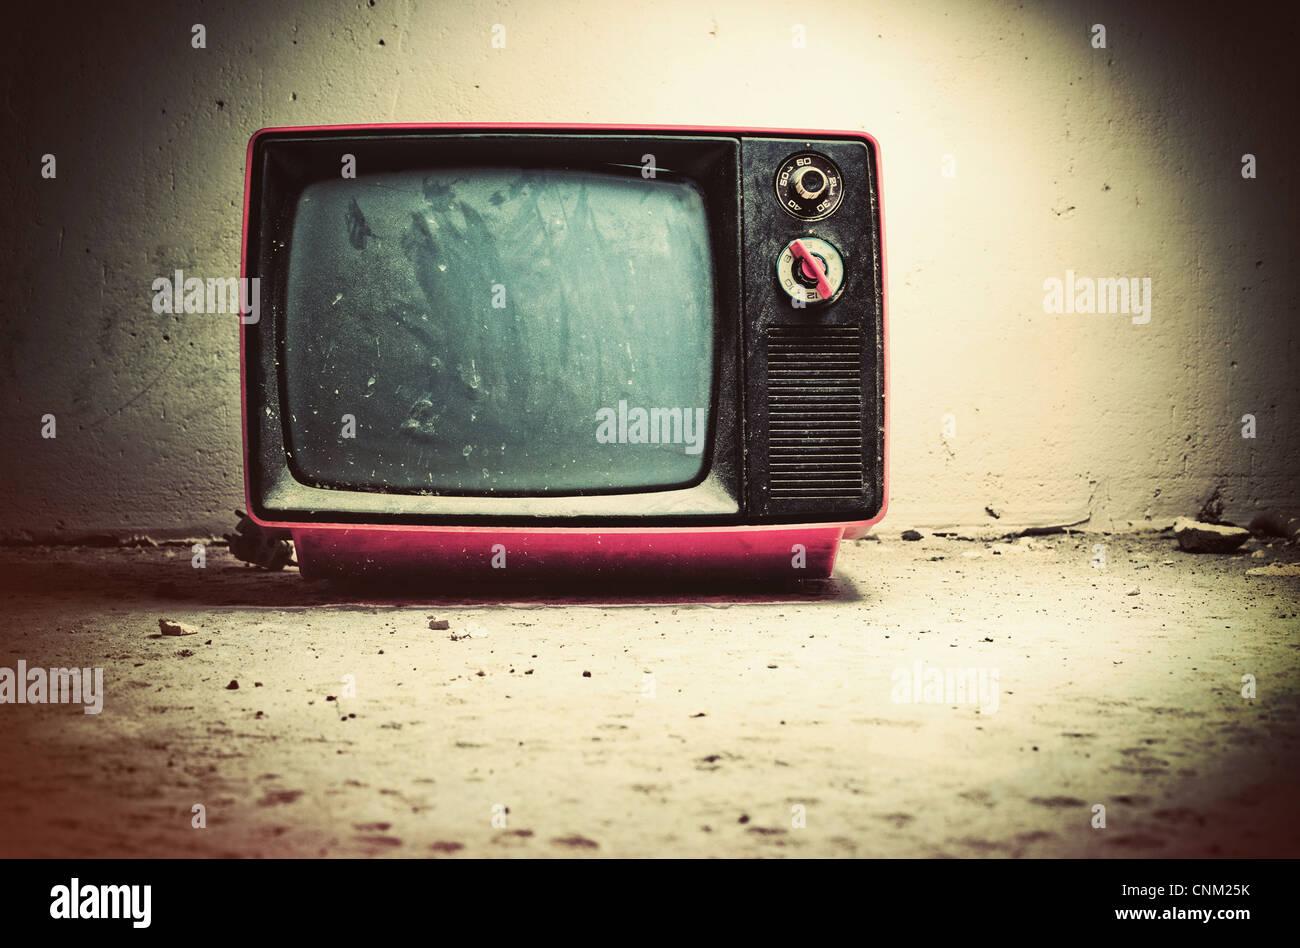 Viejo televisor en la habitación. Colores de estilo retro. Foto de stock